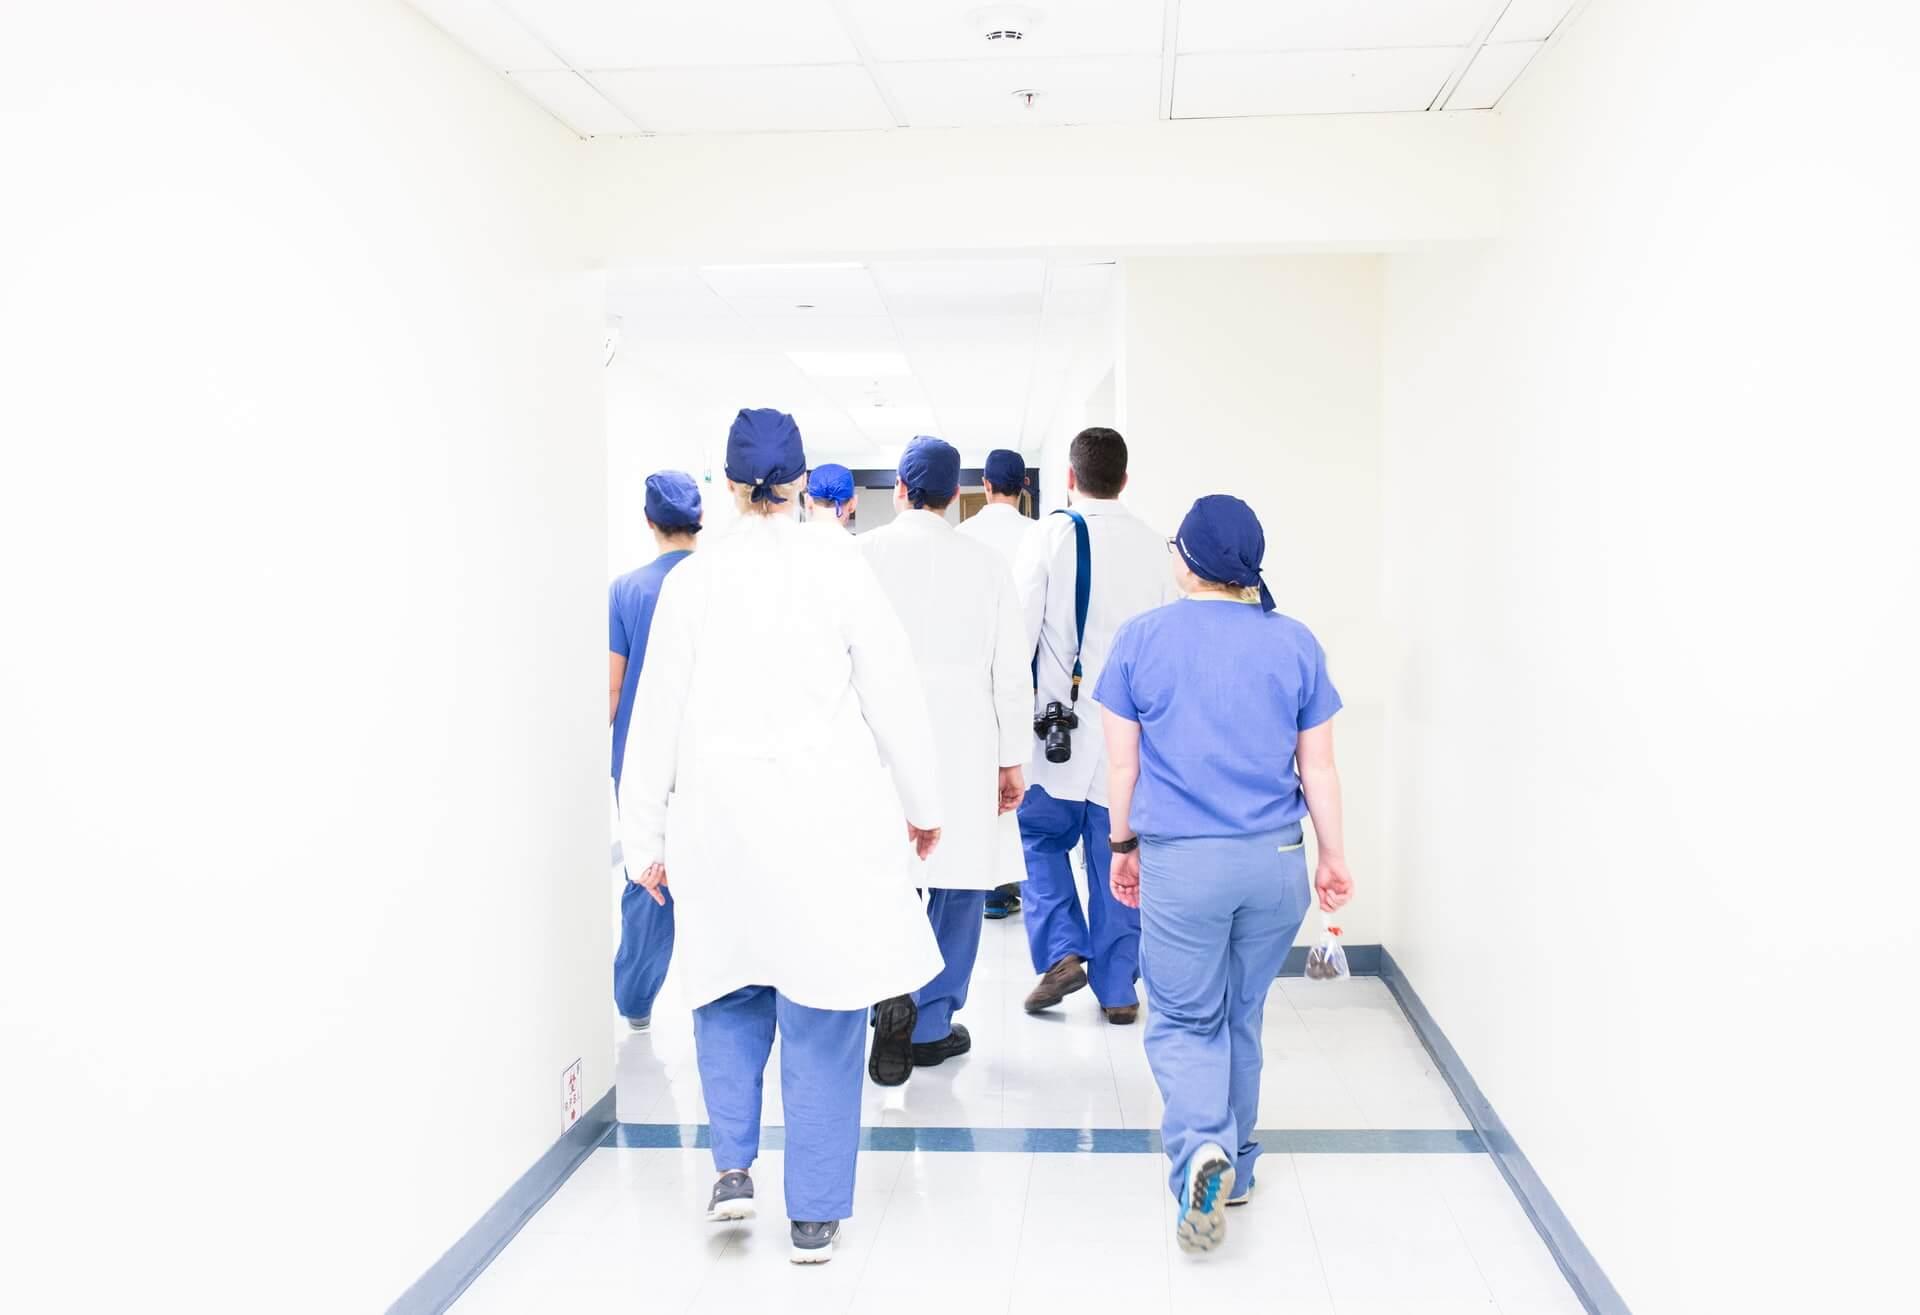 Nurses walking on a hospital's hallway